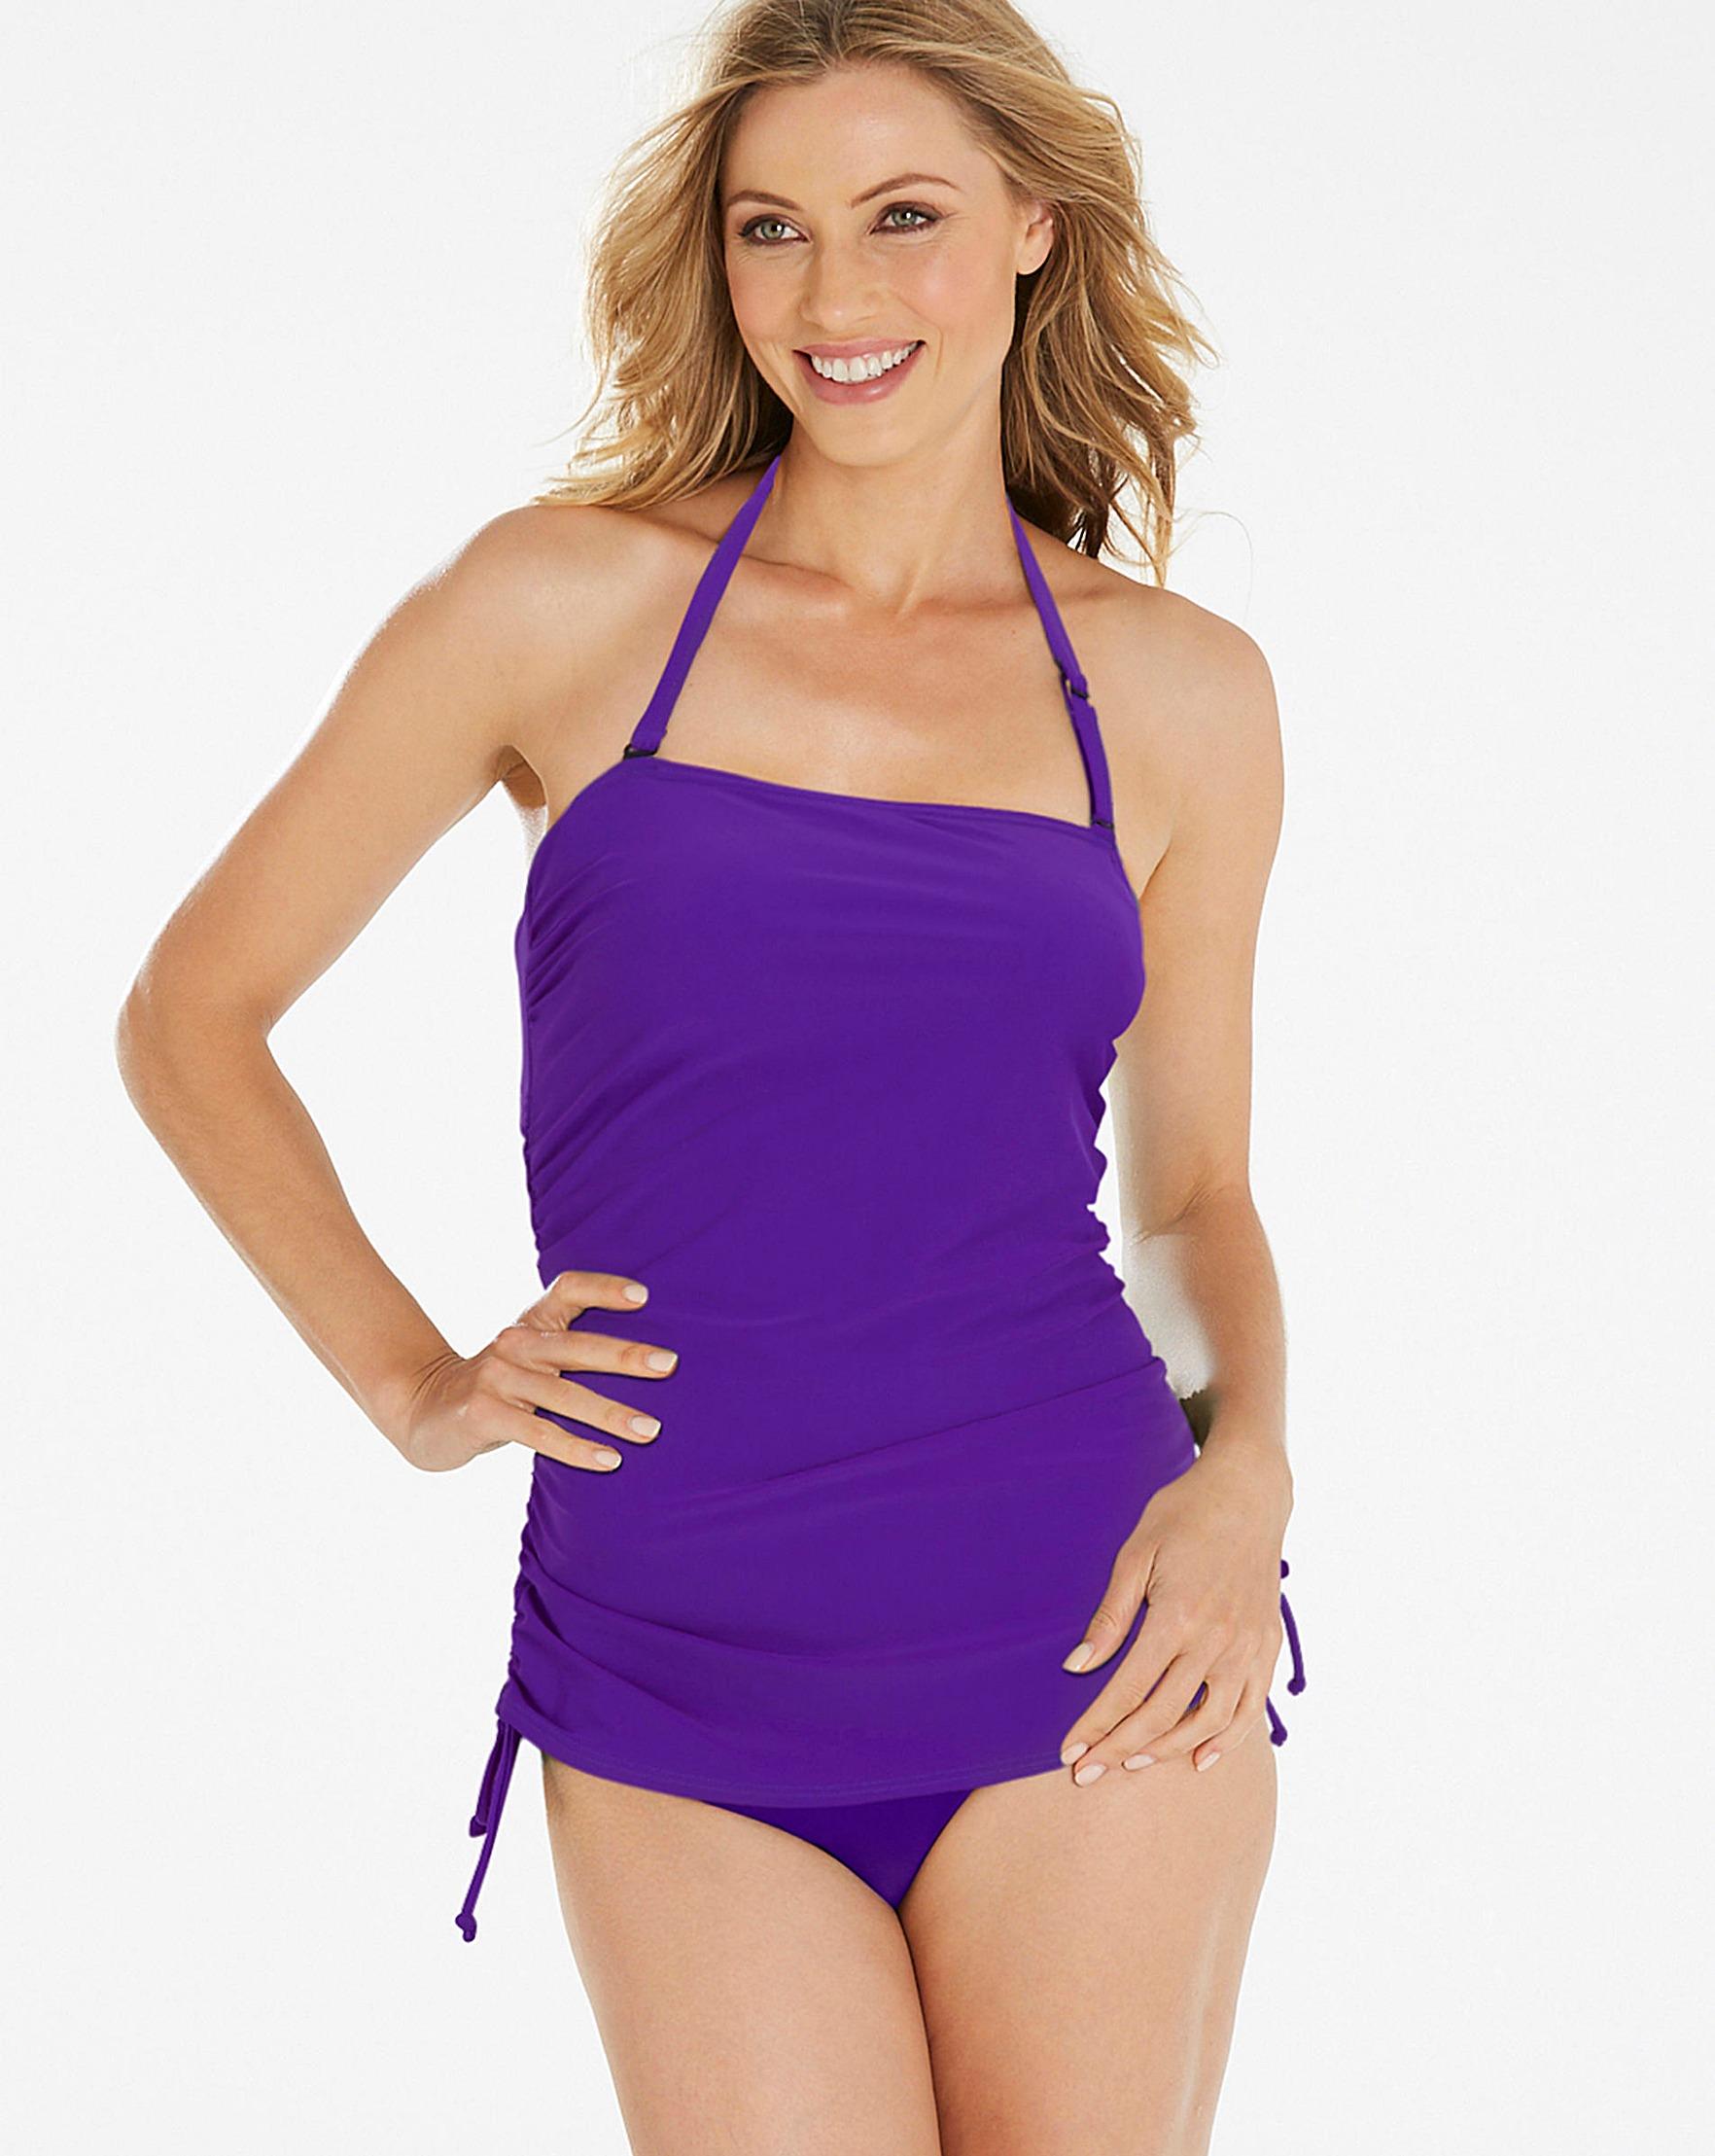 e479c8375ec7 Purple Bandeau Swimsuit | Oxendales